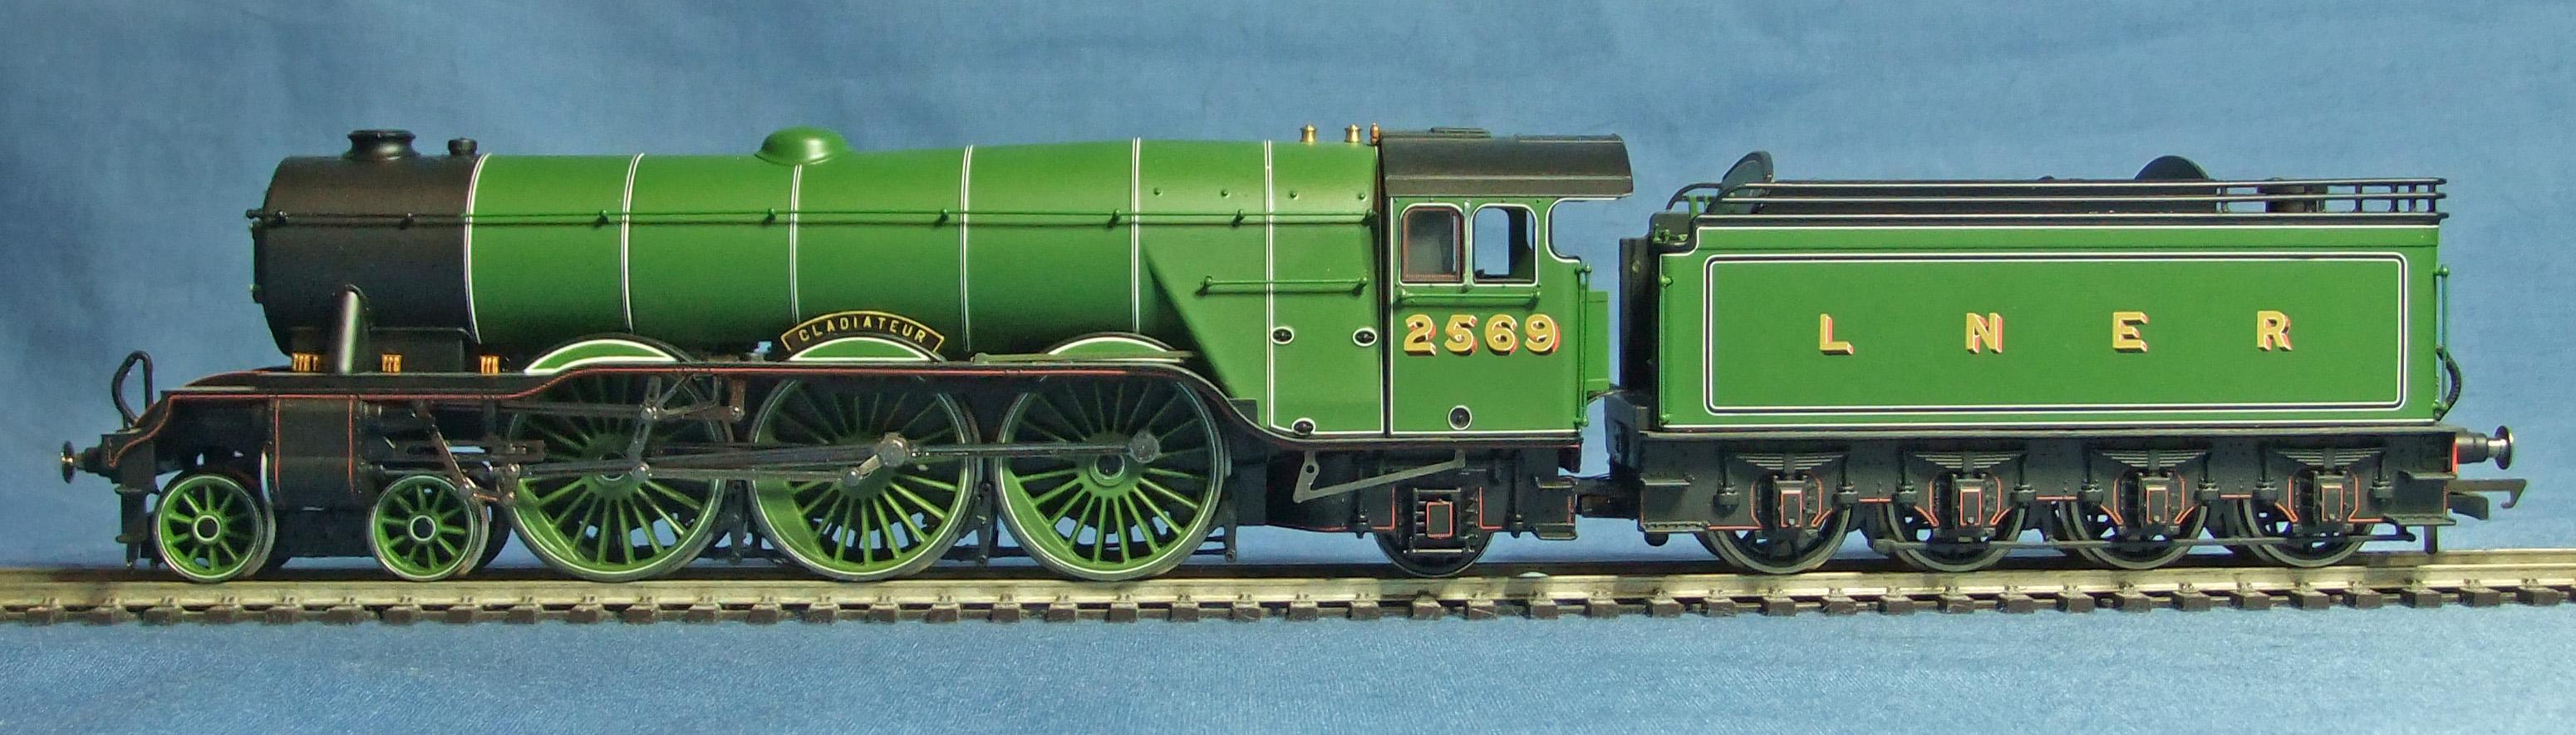 LNER2569-LH-s40